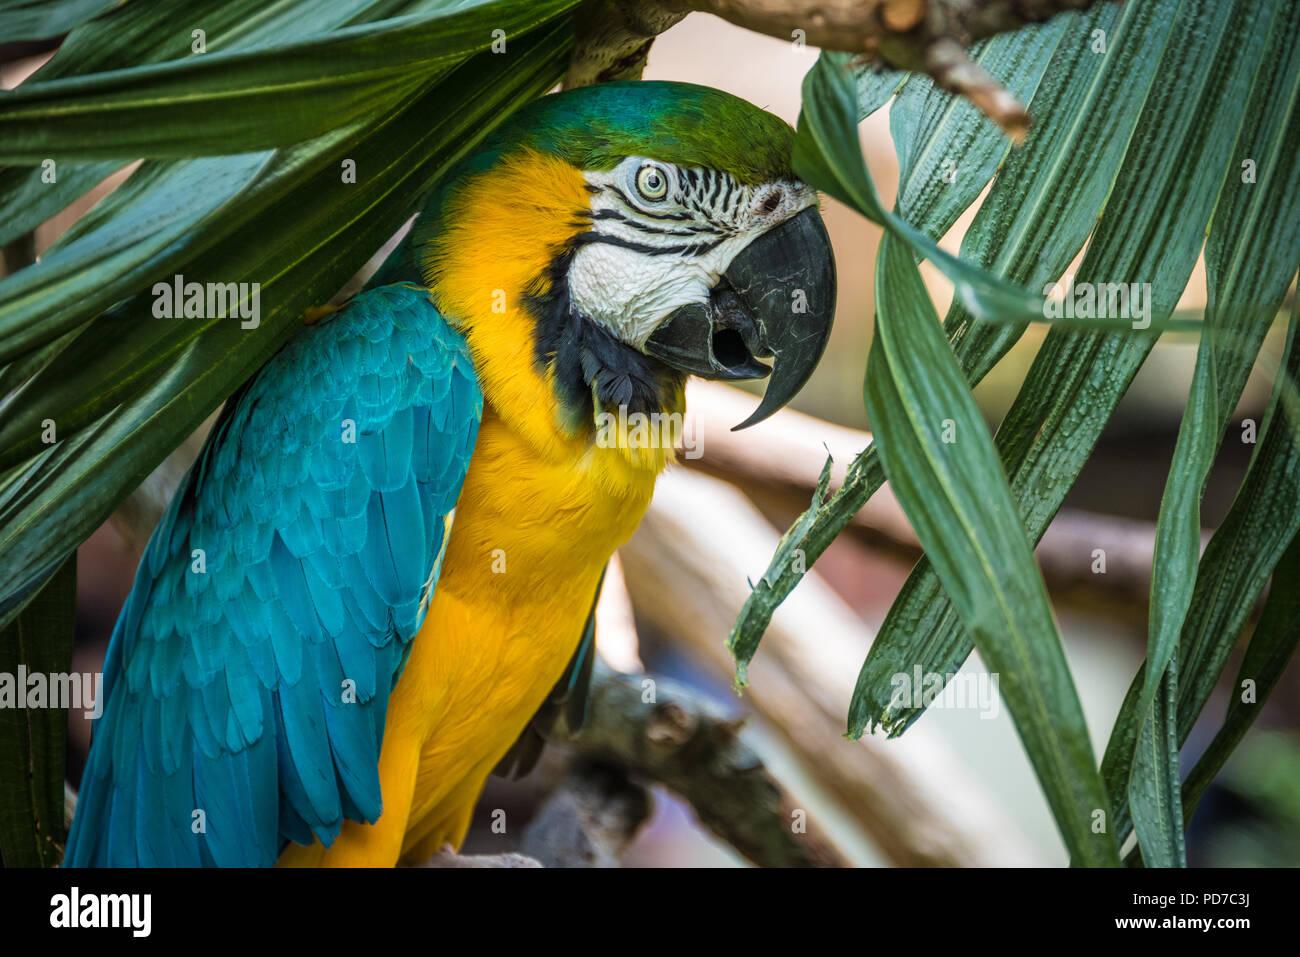 Un bleu couleur-et-jaune macaw (également connu sous le nom de bleu et or macaw) à la St Augustine Alligator Farm Zoological Park à Saint Augustine, FL. (USA) Photo Stock